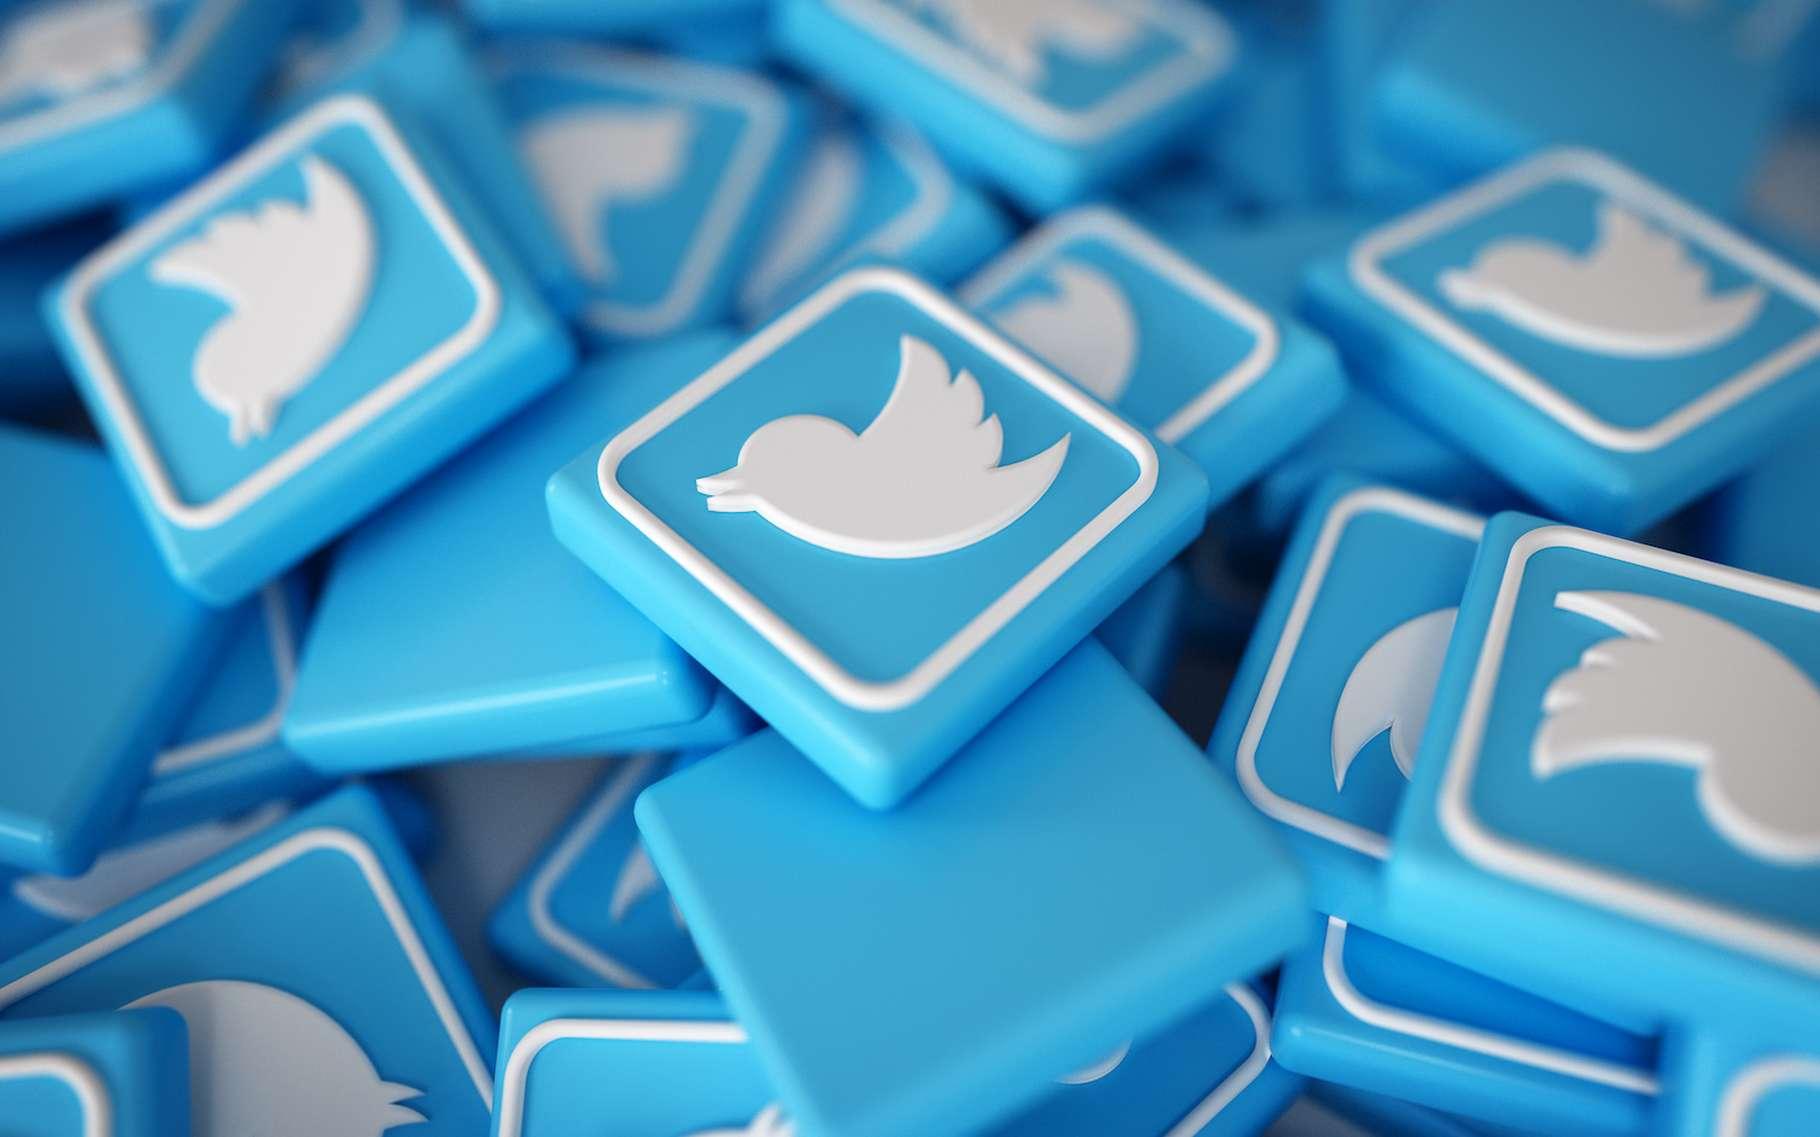 Le co-fondateur de Twitter, Jack Dorsey, met en vente son premier tweet et il vaut plusieurs millions de dollars. © natanaelginting, Adobe Stock